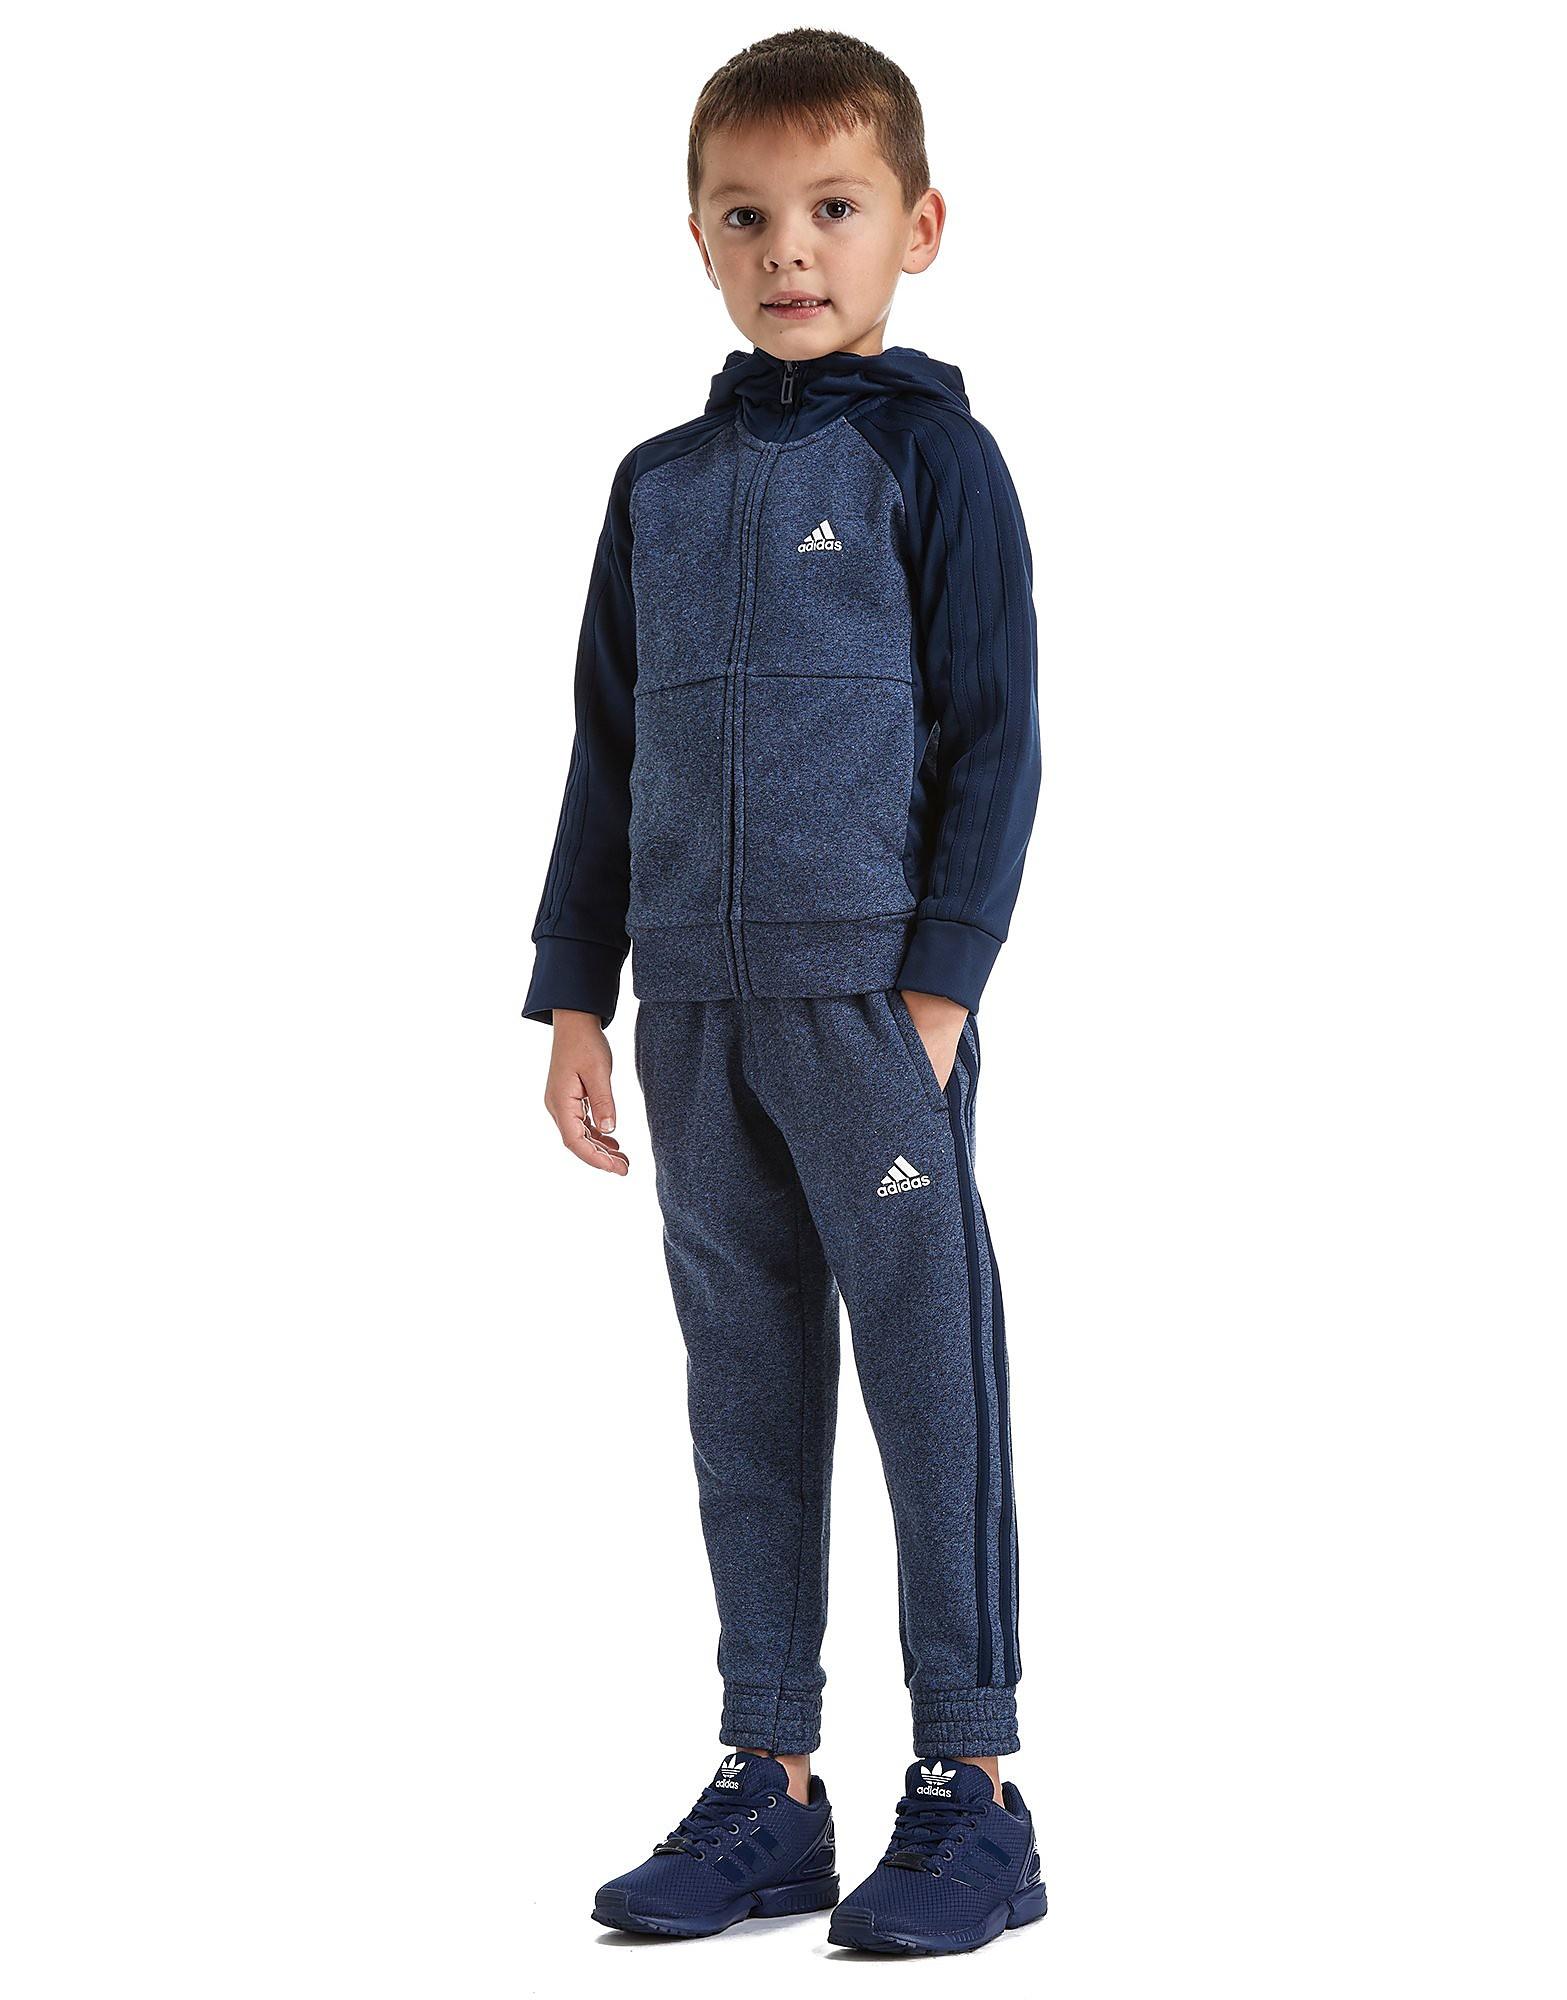 Image de adidas Ensemble Enfant Hybrid Fleece - Only at JD - Navy, Navy